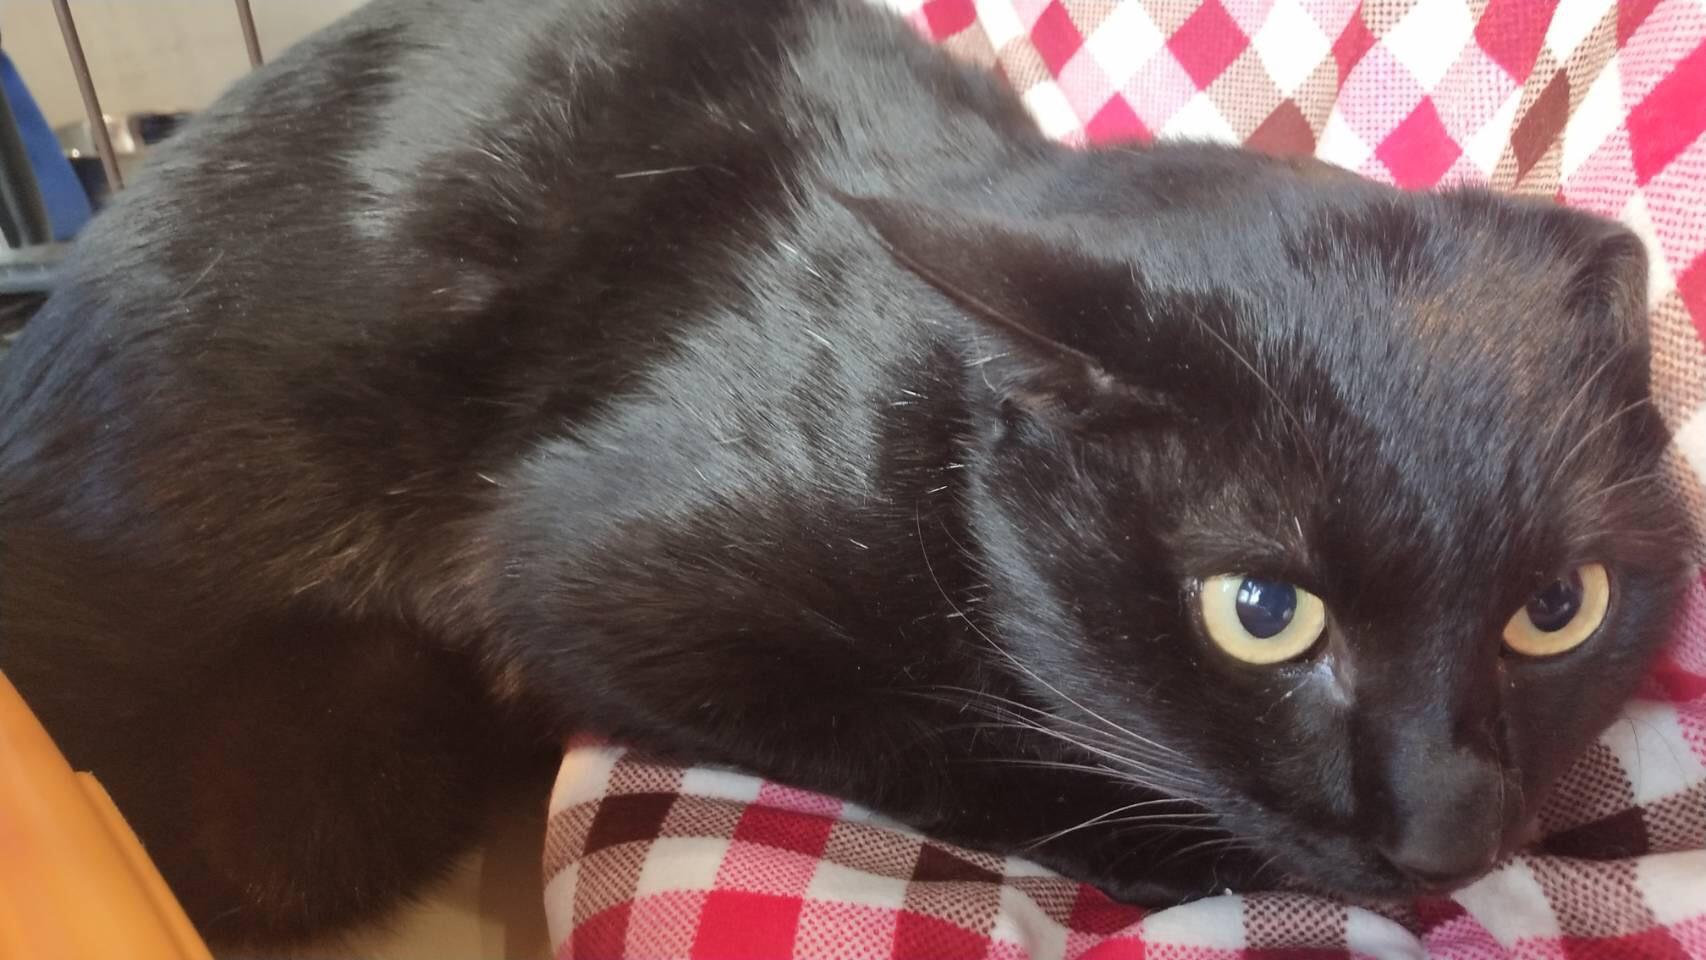 <ul> <li>I1-2</li> <li>猫種:日本猫 黒</li> <li>性別:男の子</li> <li>名前:ラッキー</li> <li>年齢:2~3歳</li> <li>保護経緯:里親さんを探して欲しいとのことで連れてこられました</li> </ul>